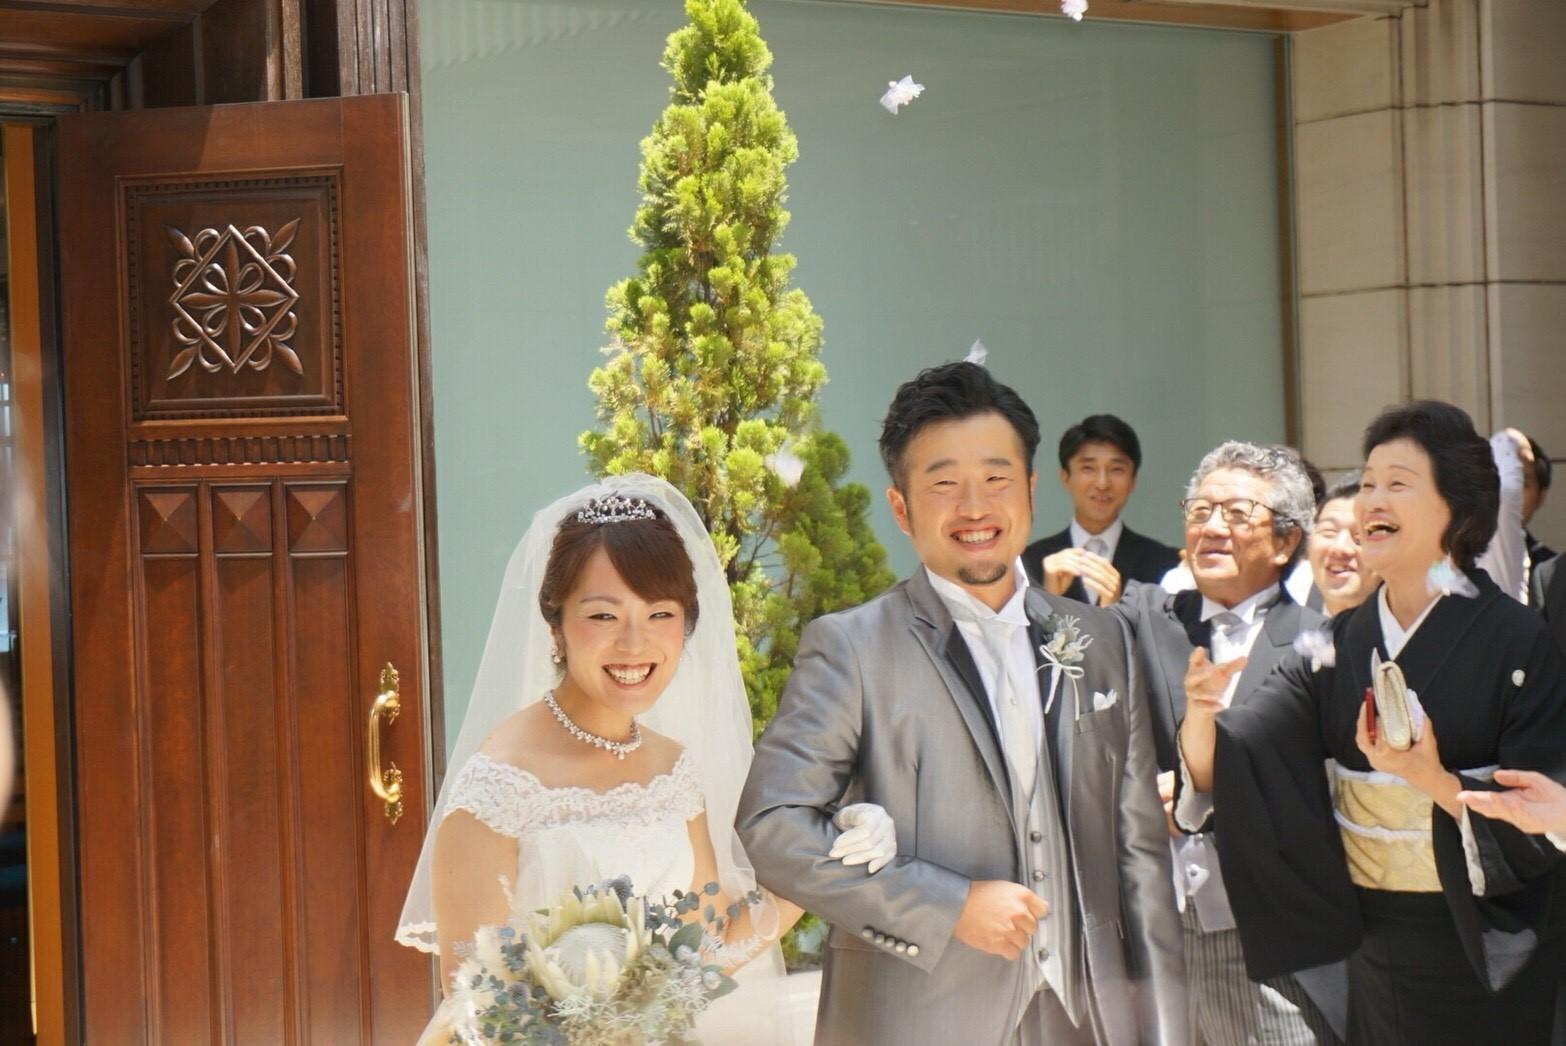 【結婚式 お見積り相談】/横浜 元町 ウエディングサロン